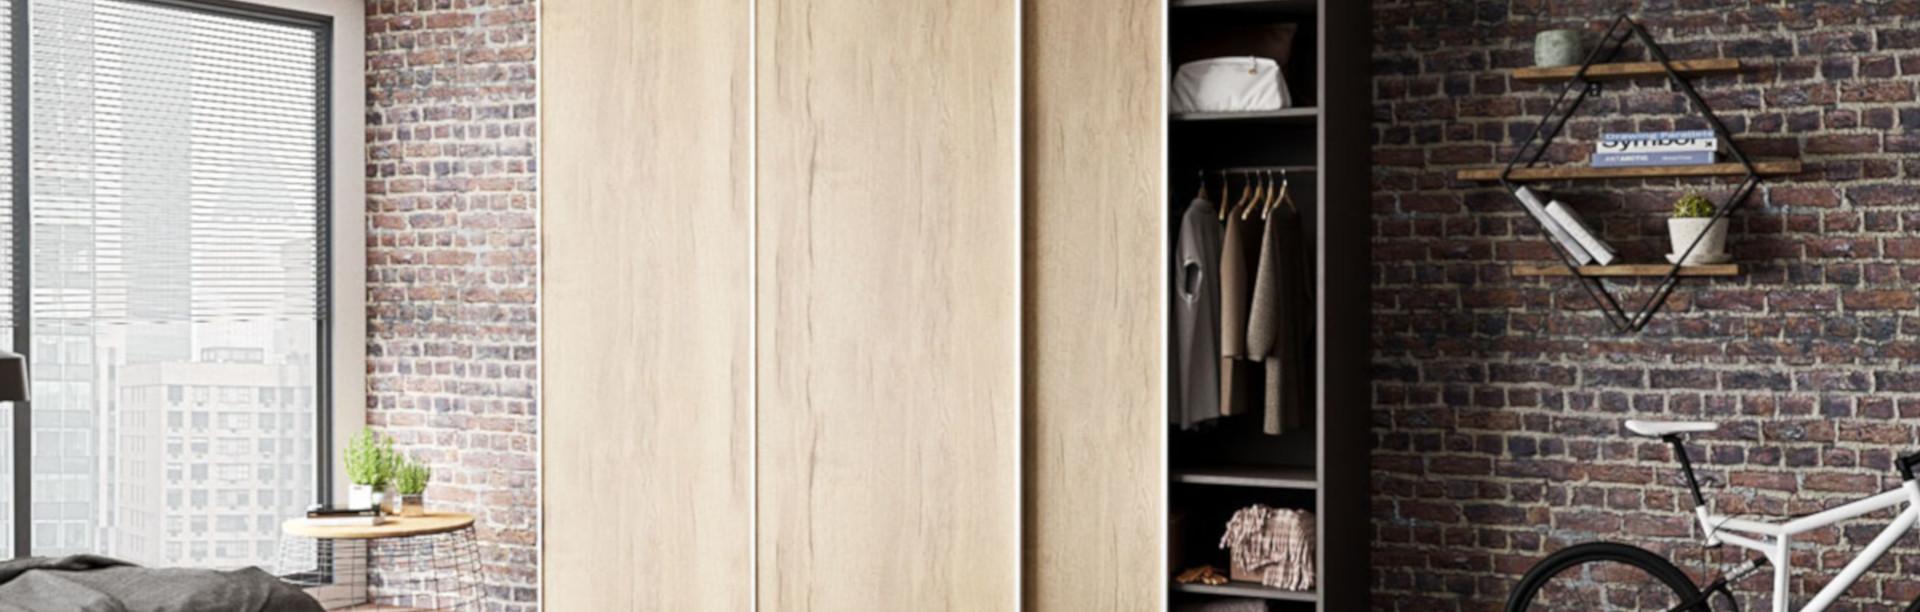 Möbel mit Schiebetüren nach Maß online planen | schrankwerk.de